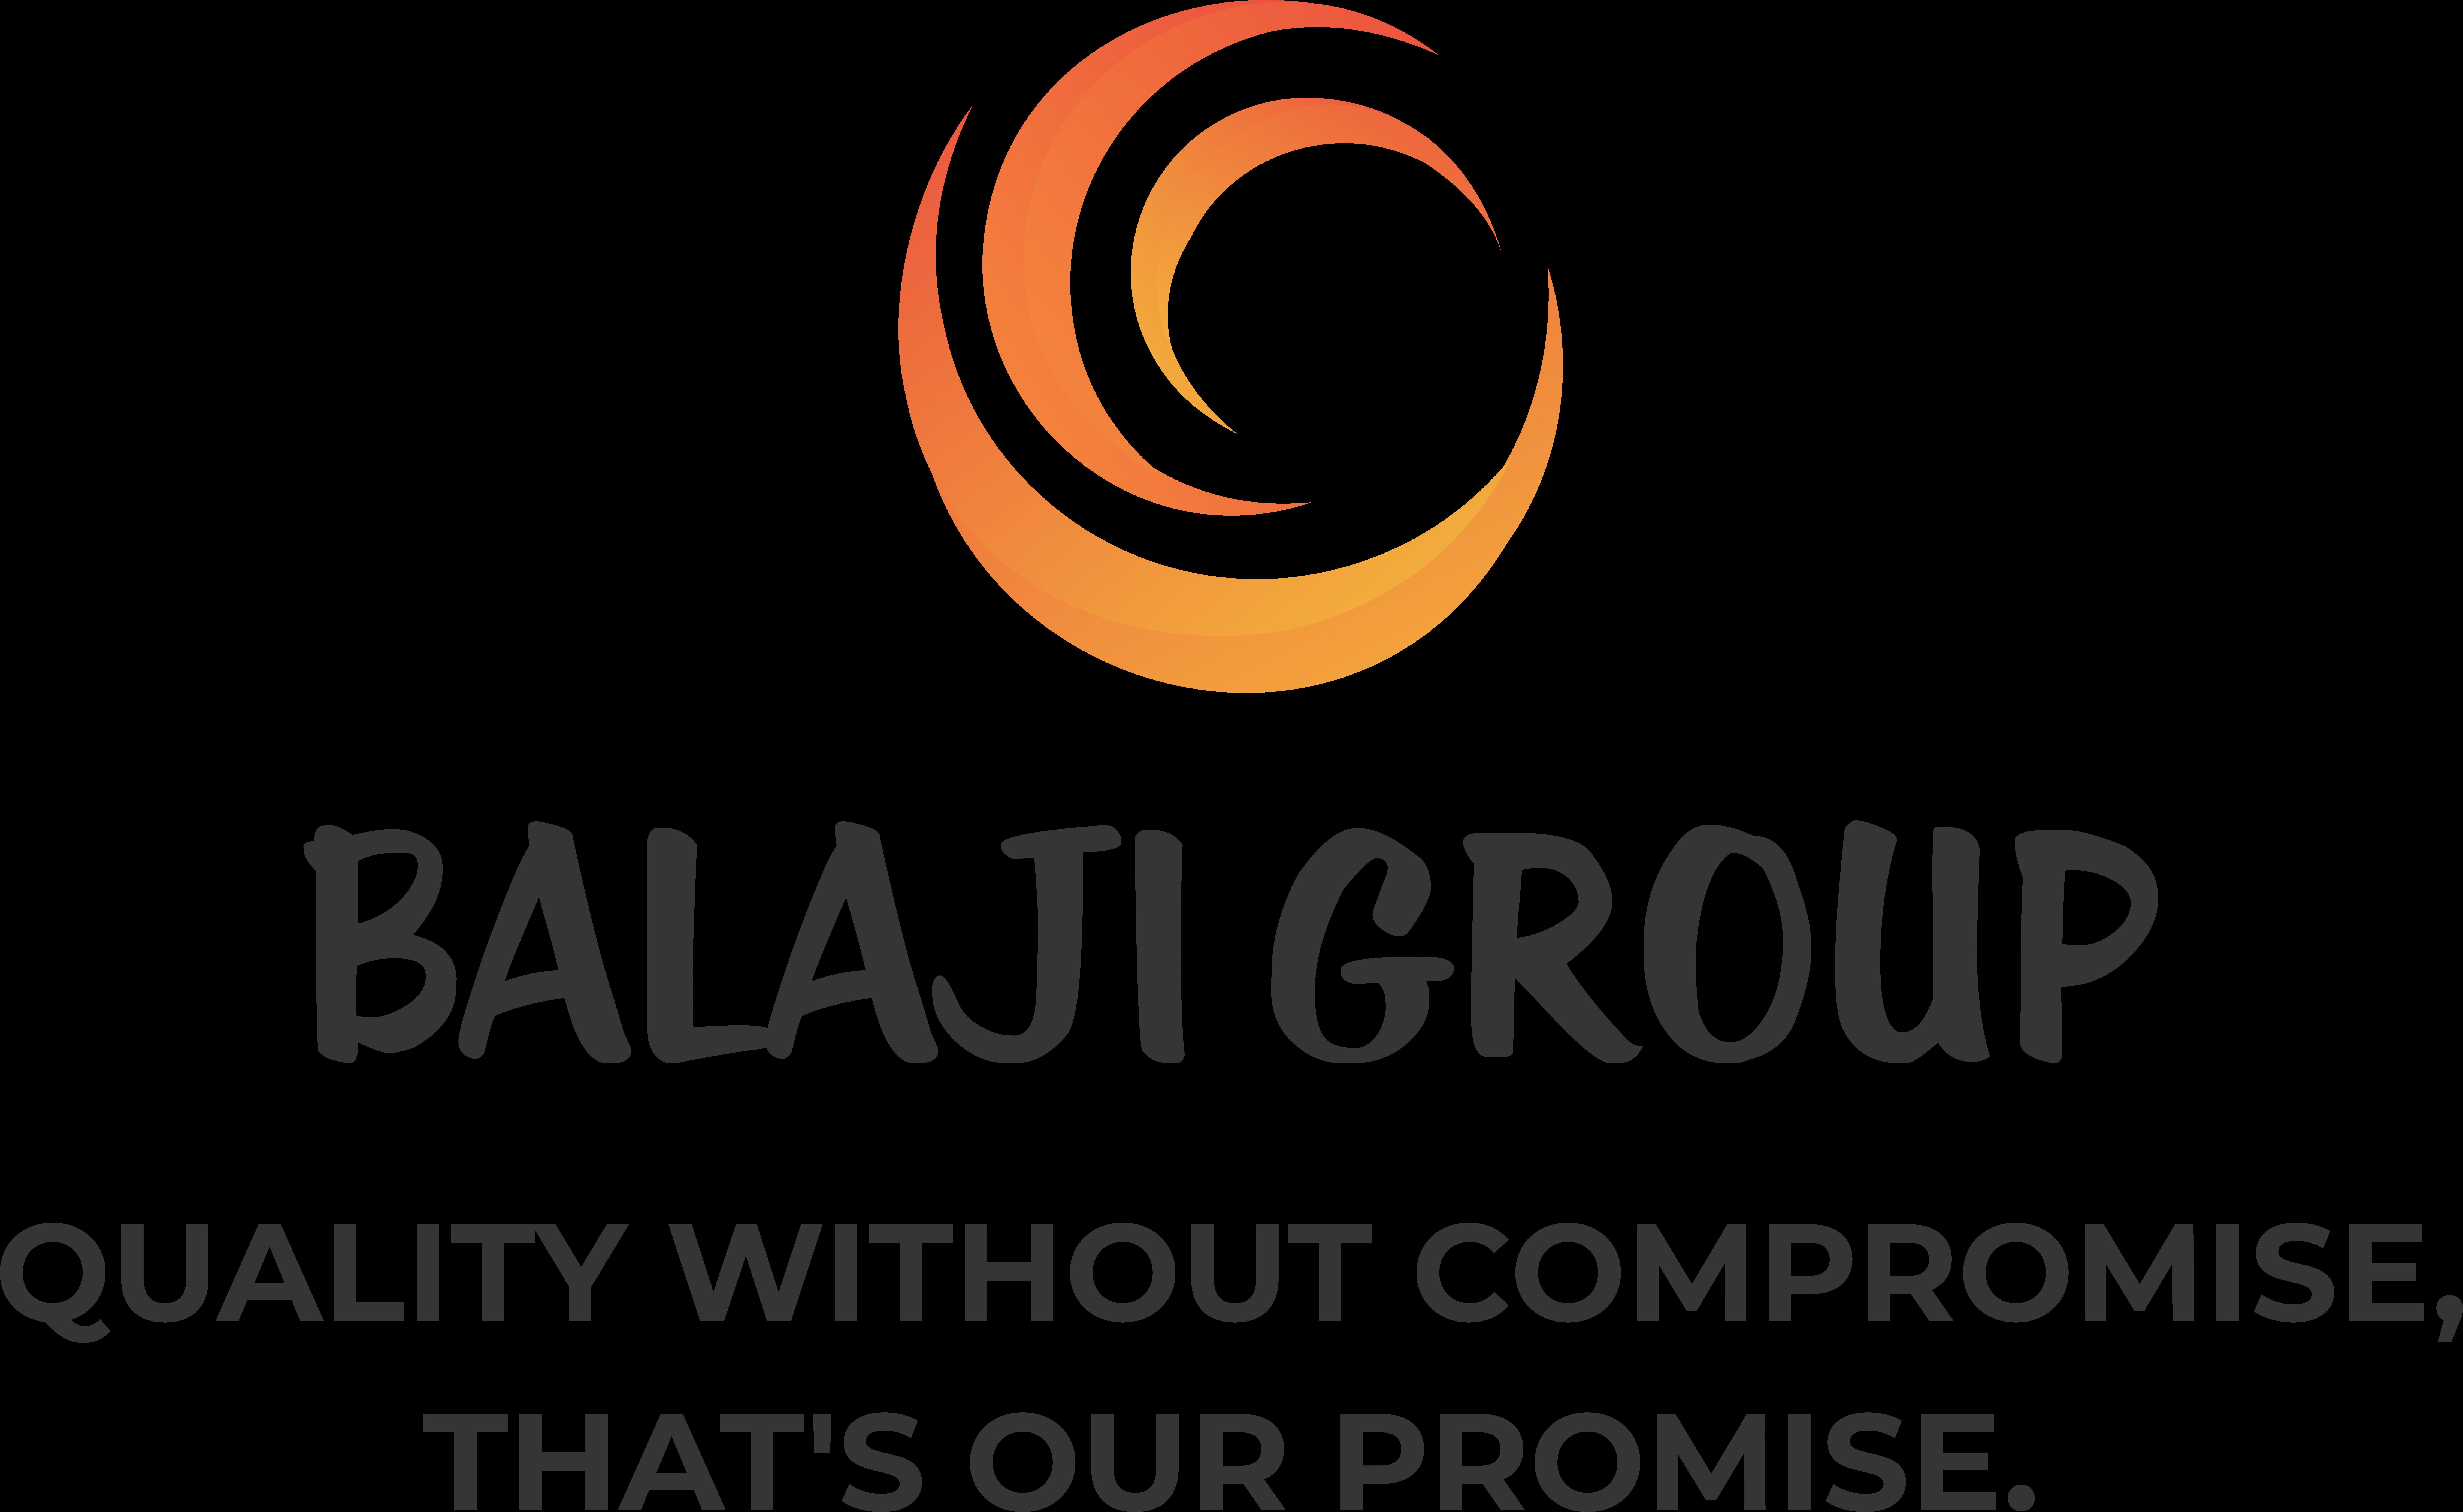 Shri Balji Minerals